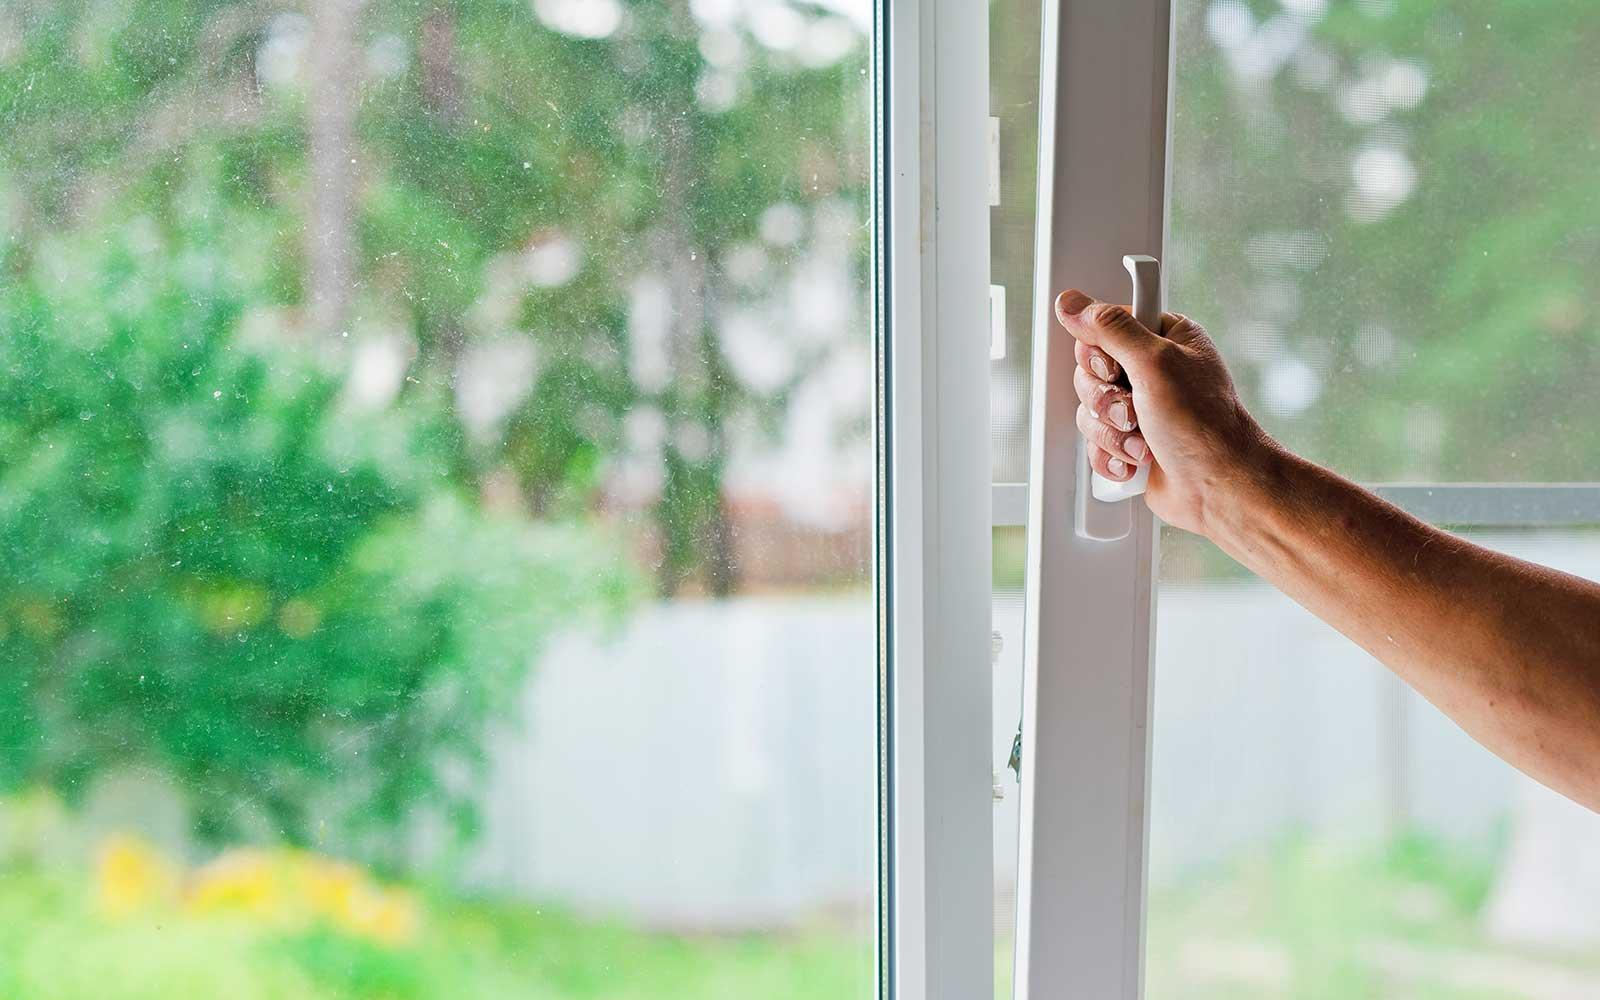 una mano che apre una finestra